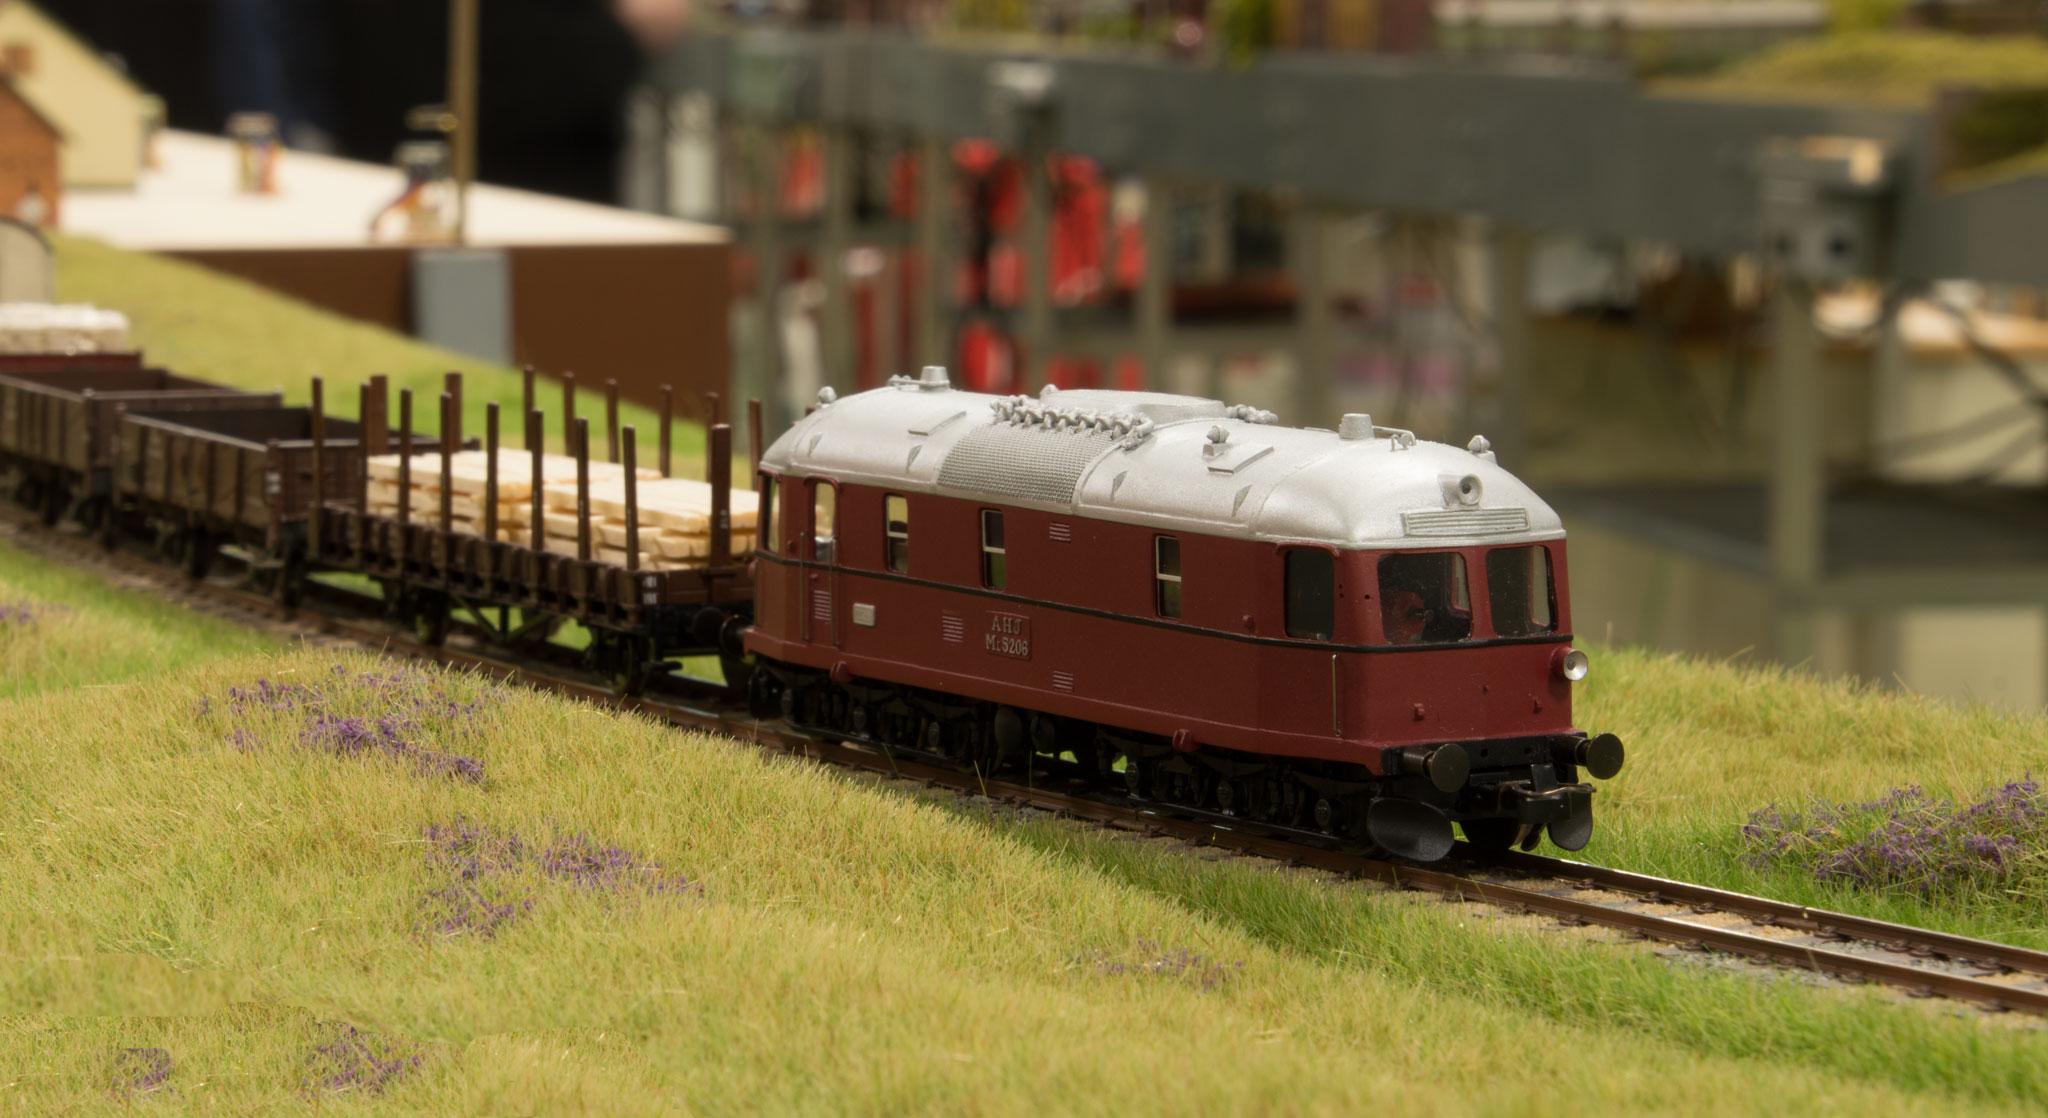 AHJ Ml 5206 med godstog har lige forladt Sæby station og begiver sig ud på privatbanestrækningen